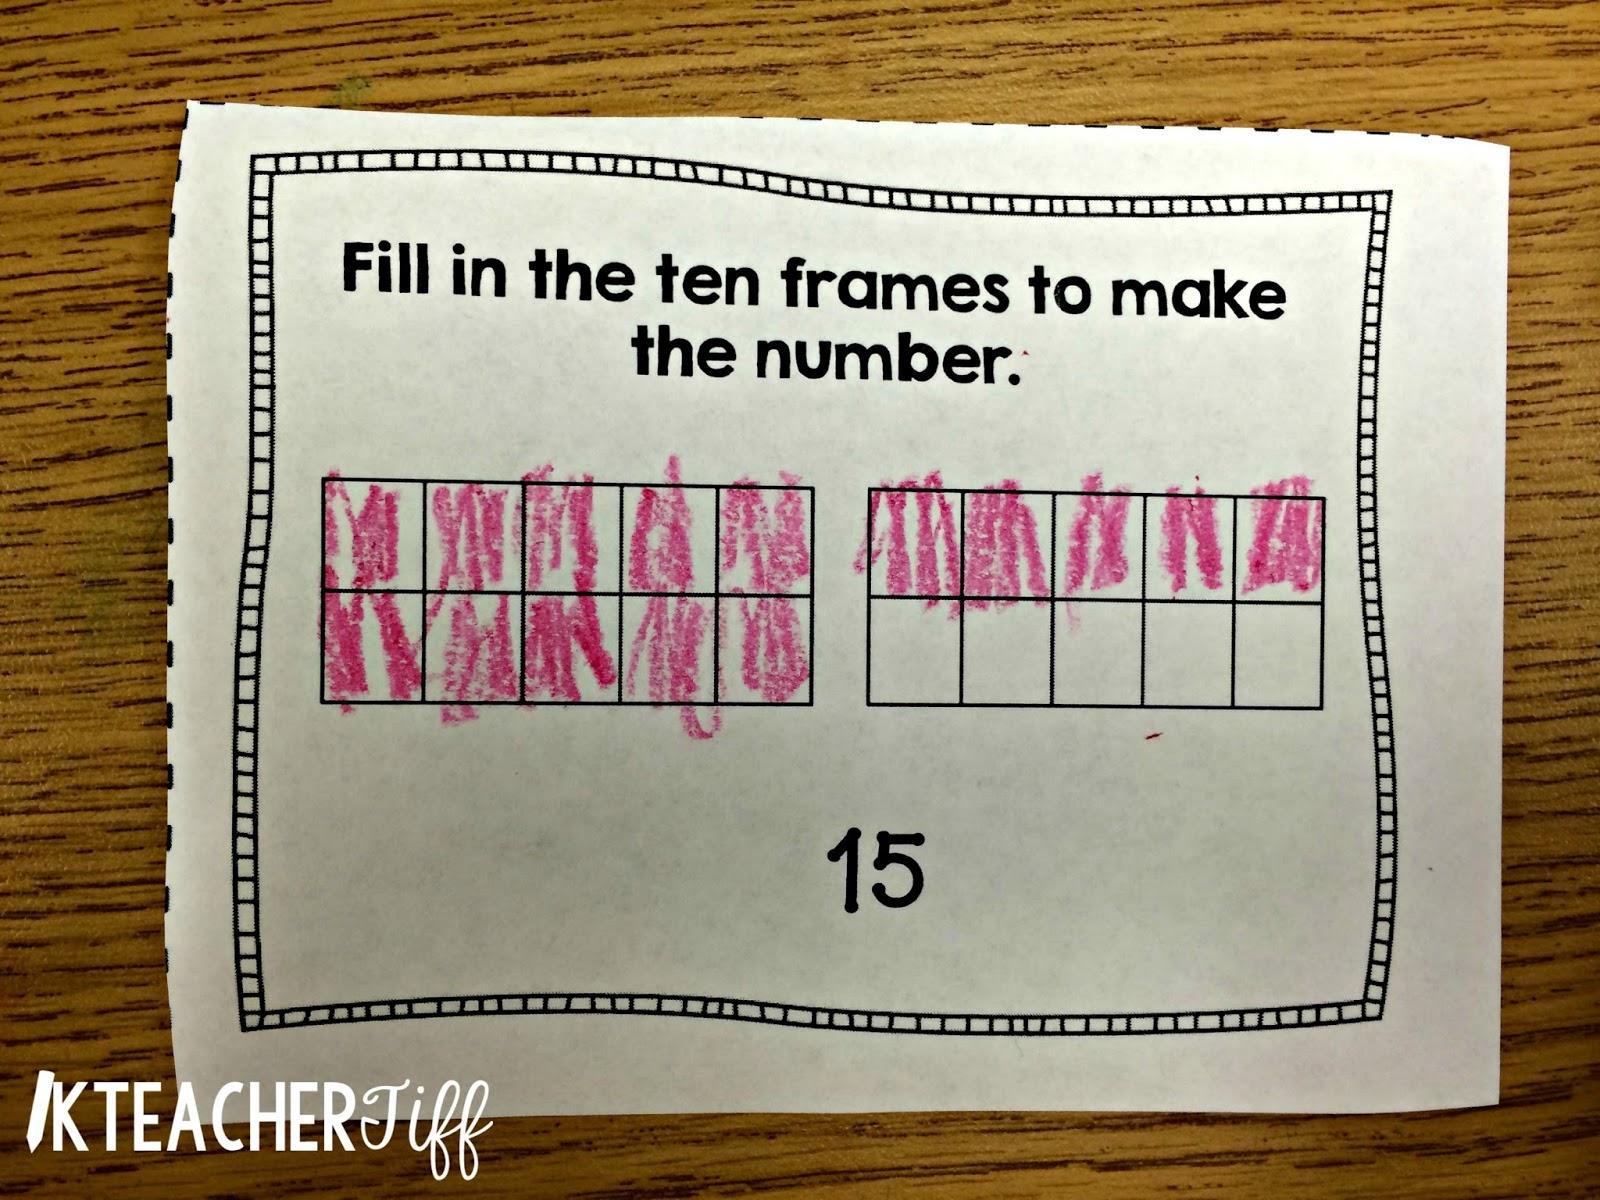 Using Exit Tickets in Kindergarten - KTeacherTiff